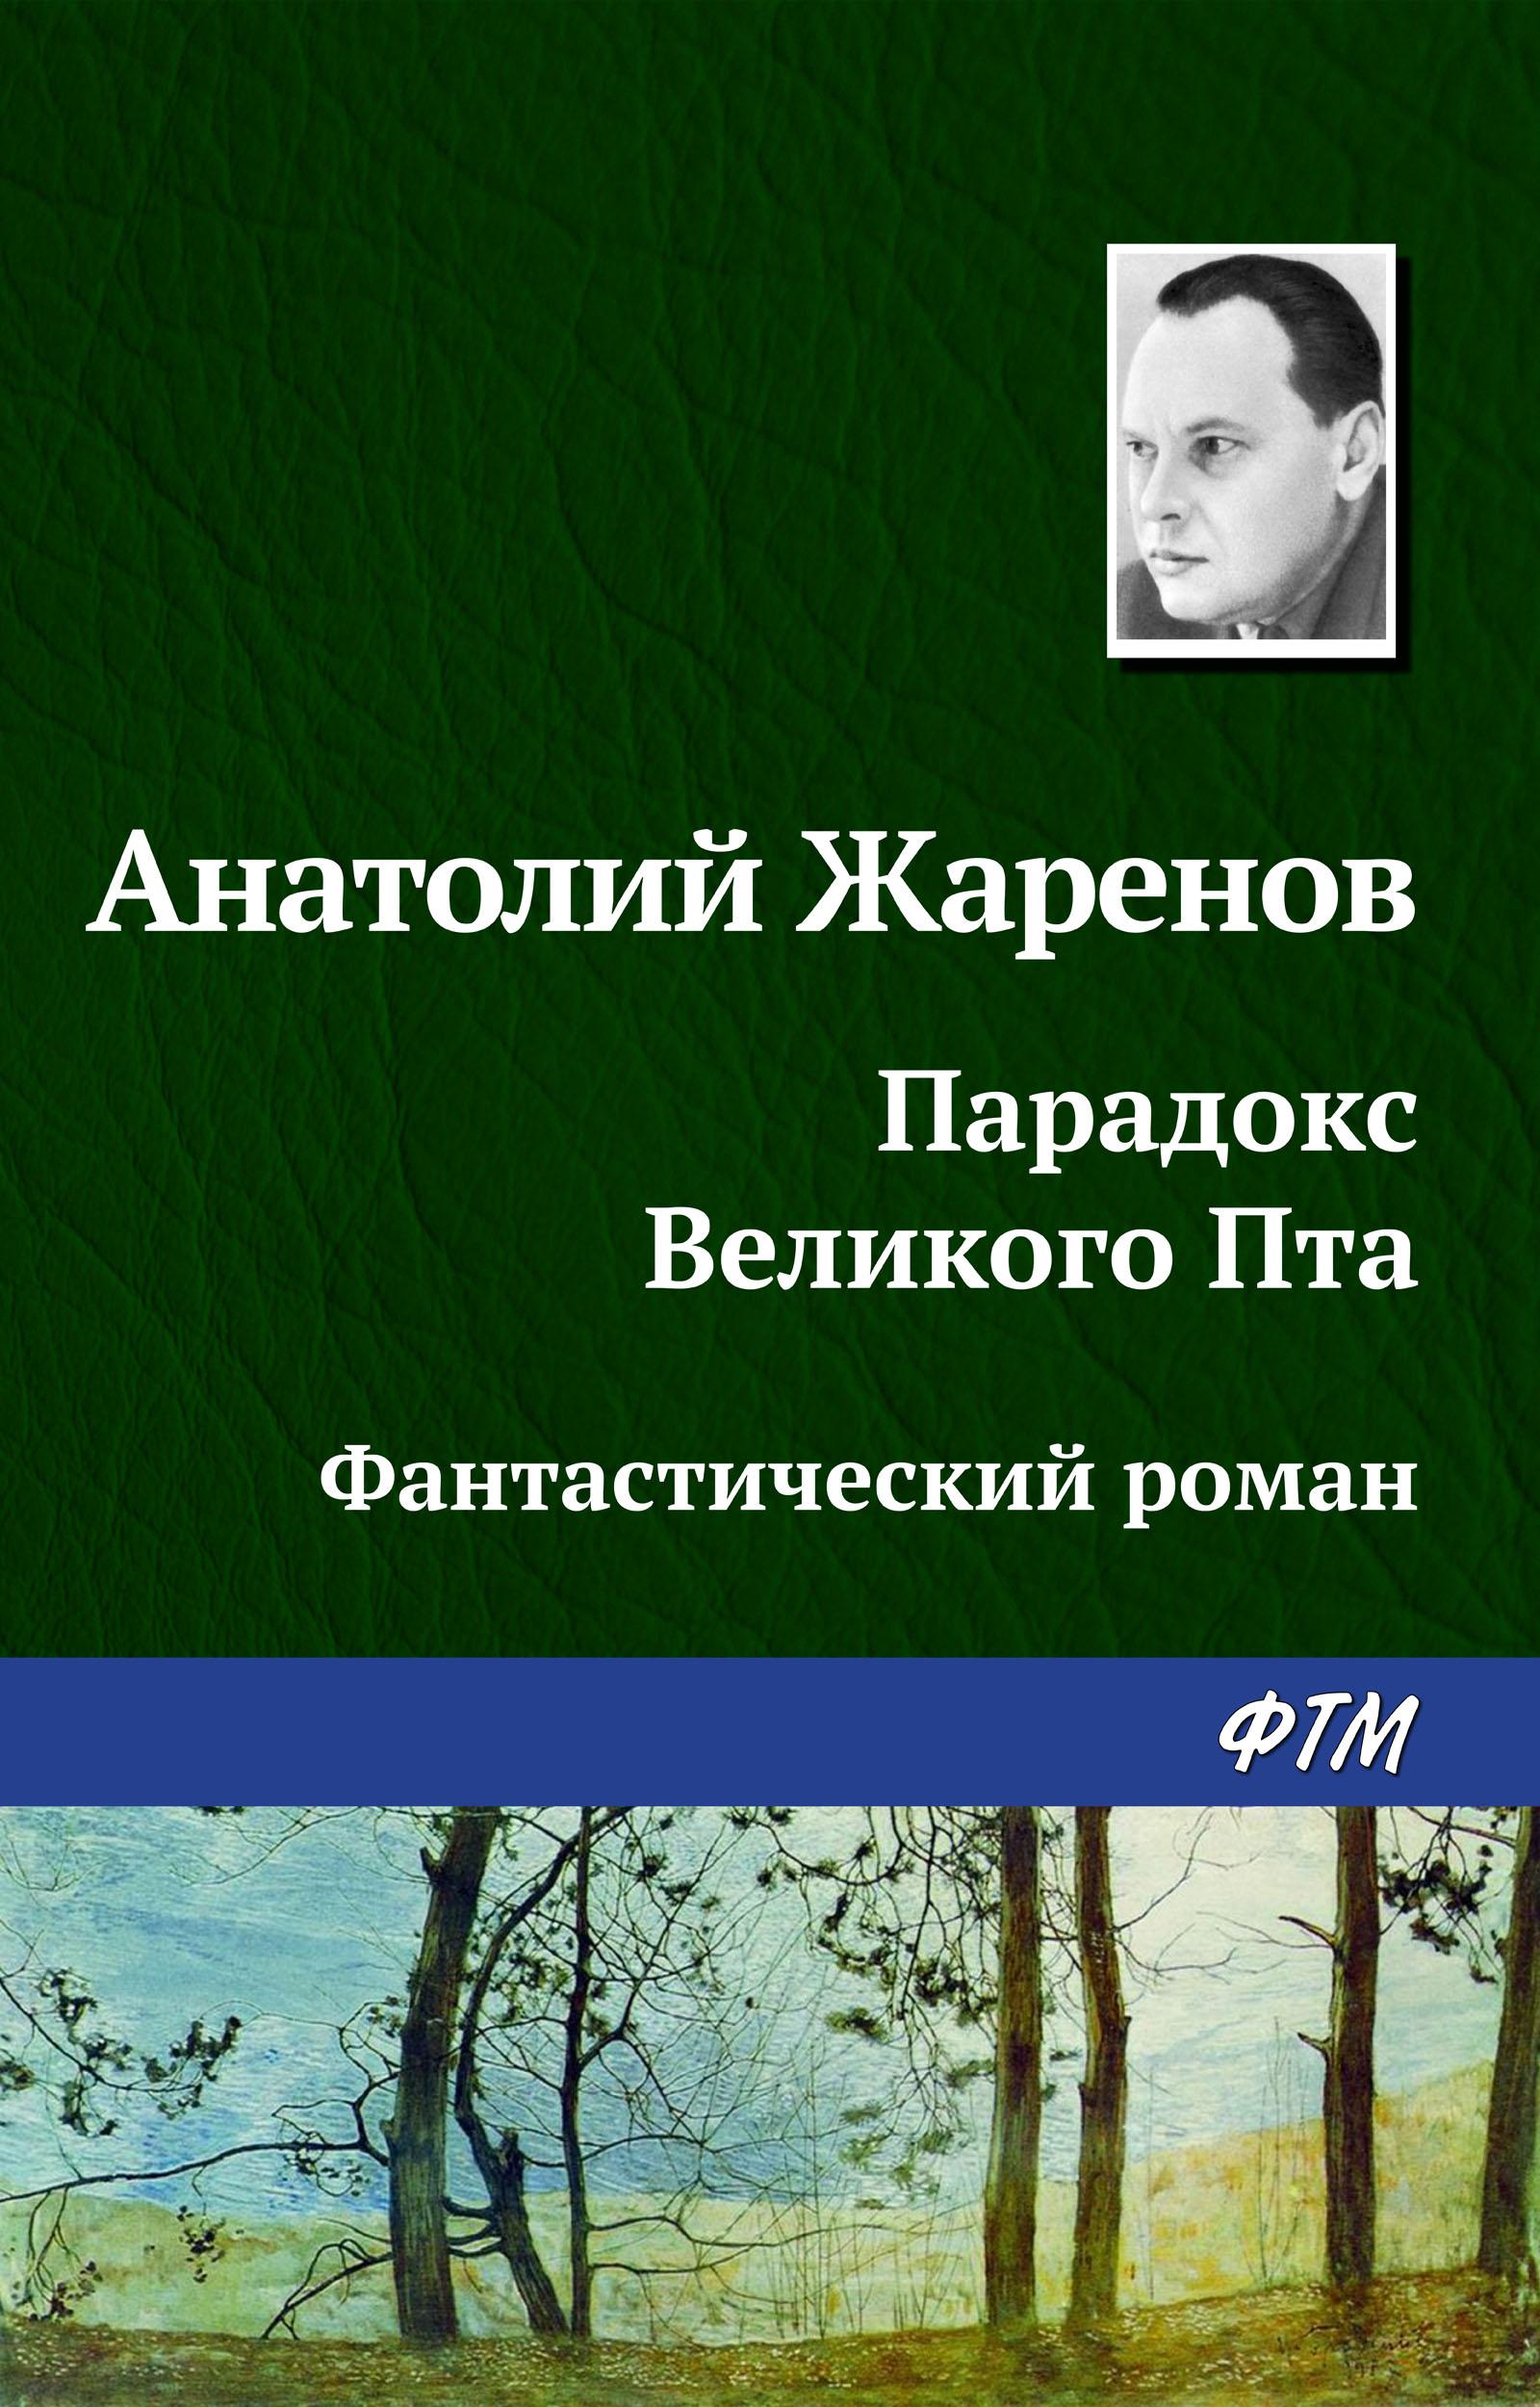 Анатолий Жаренов Парадокс великого Пта